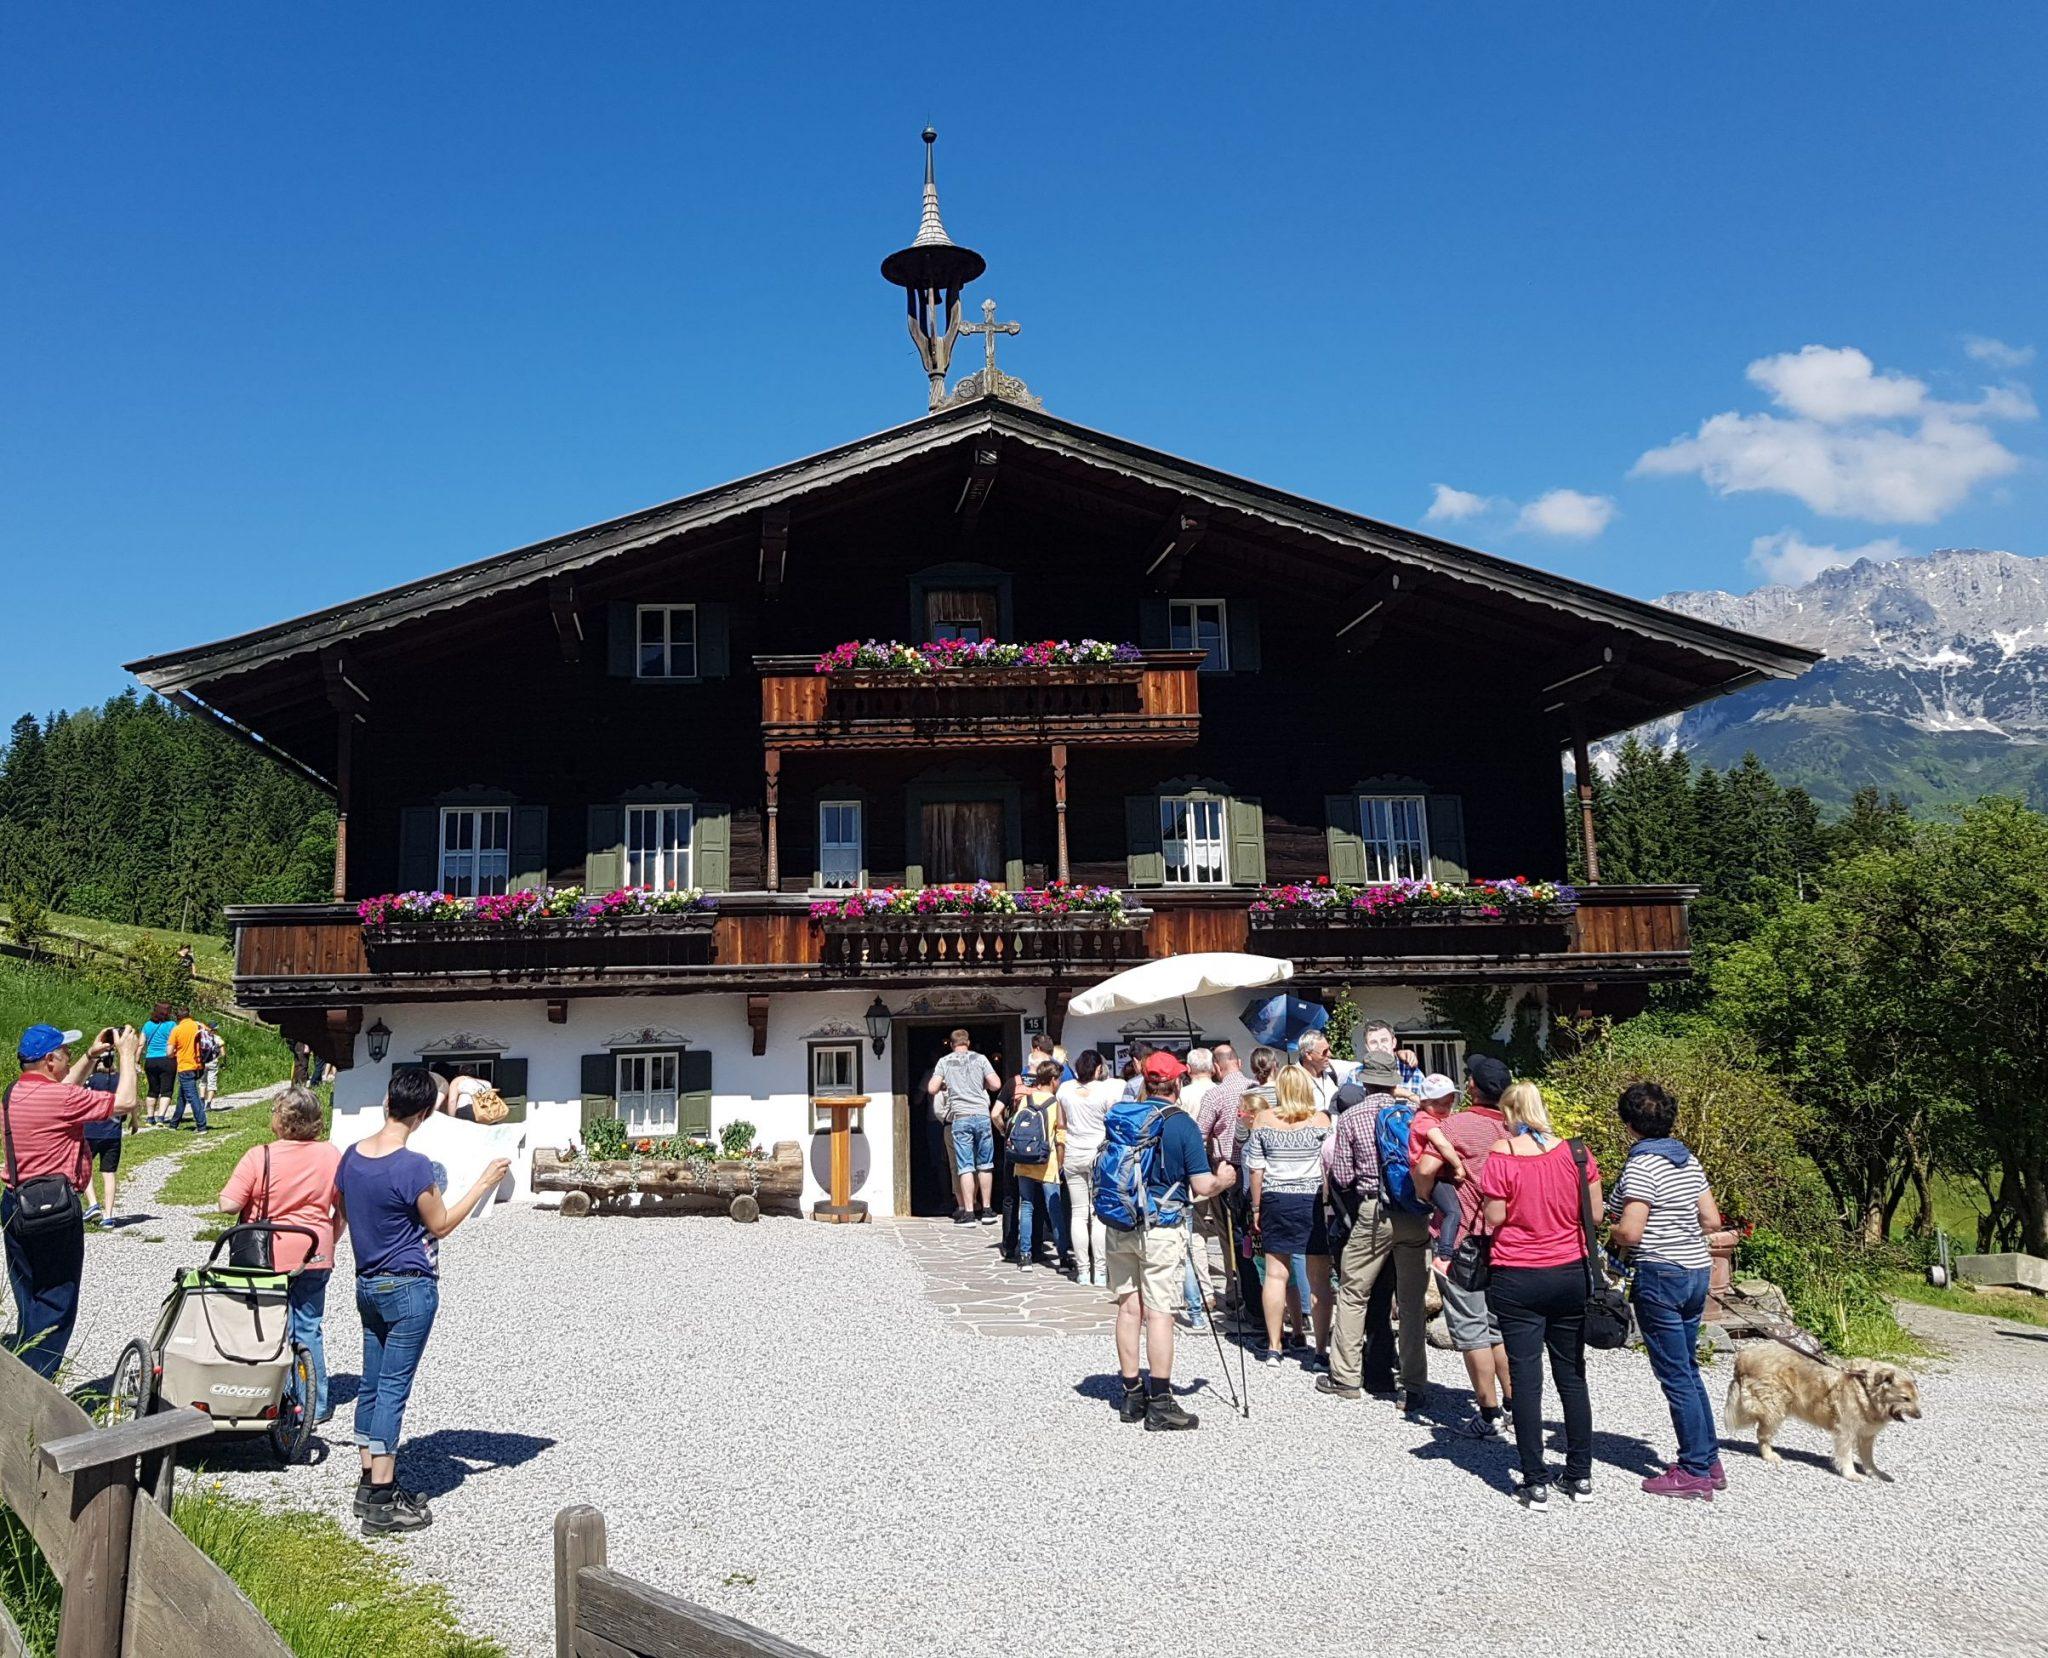 """Dienstags und freitags öffnet die """"Bergdoktor-Praxis"""" in Ellmau für zwei Stunden ihre Türen für die Gäste. Foto: Wieser"""